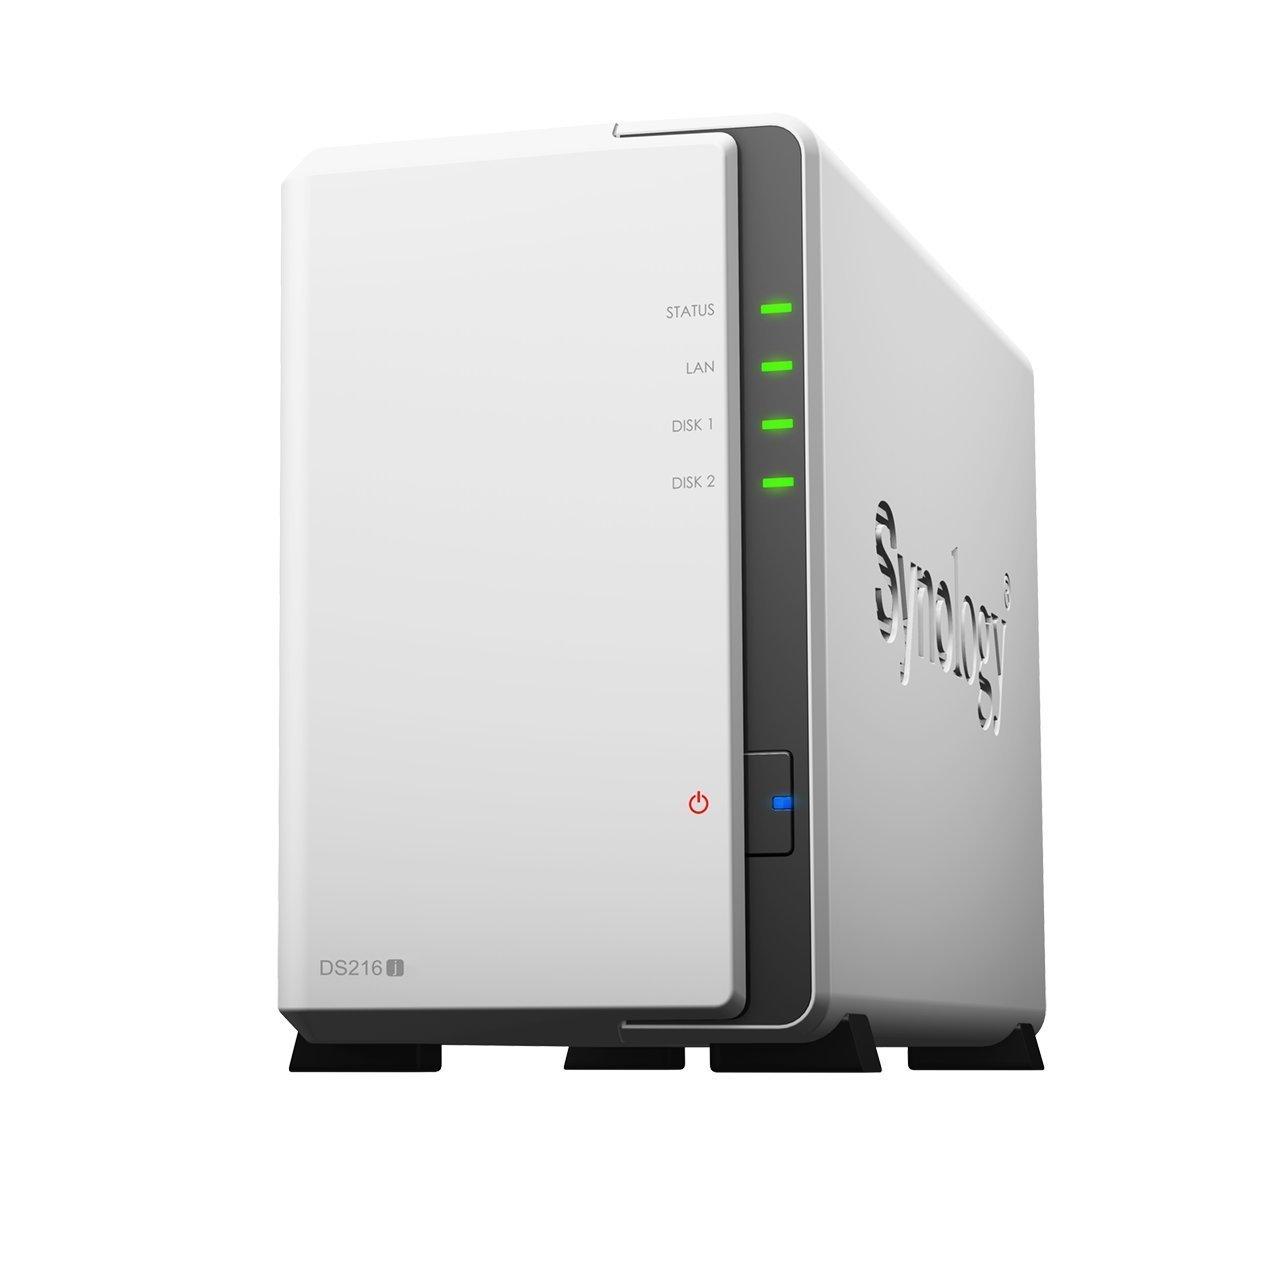 Synology NAS DiskStation DS216j